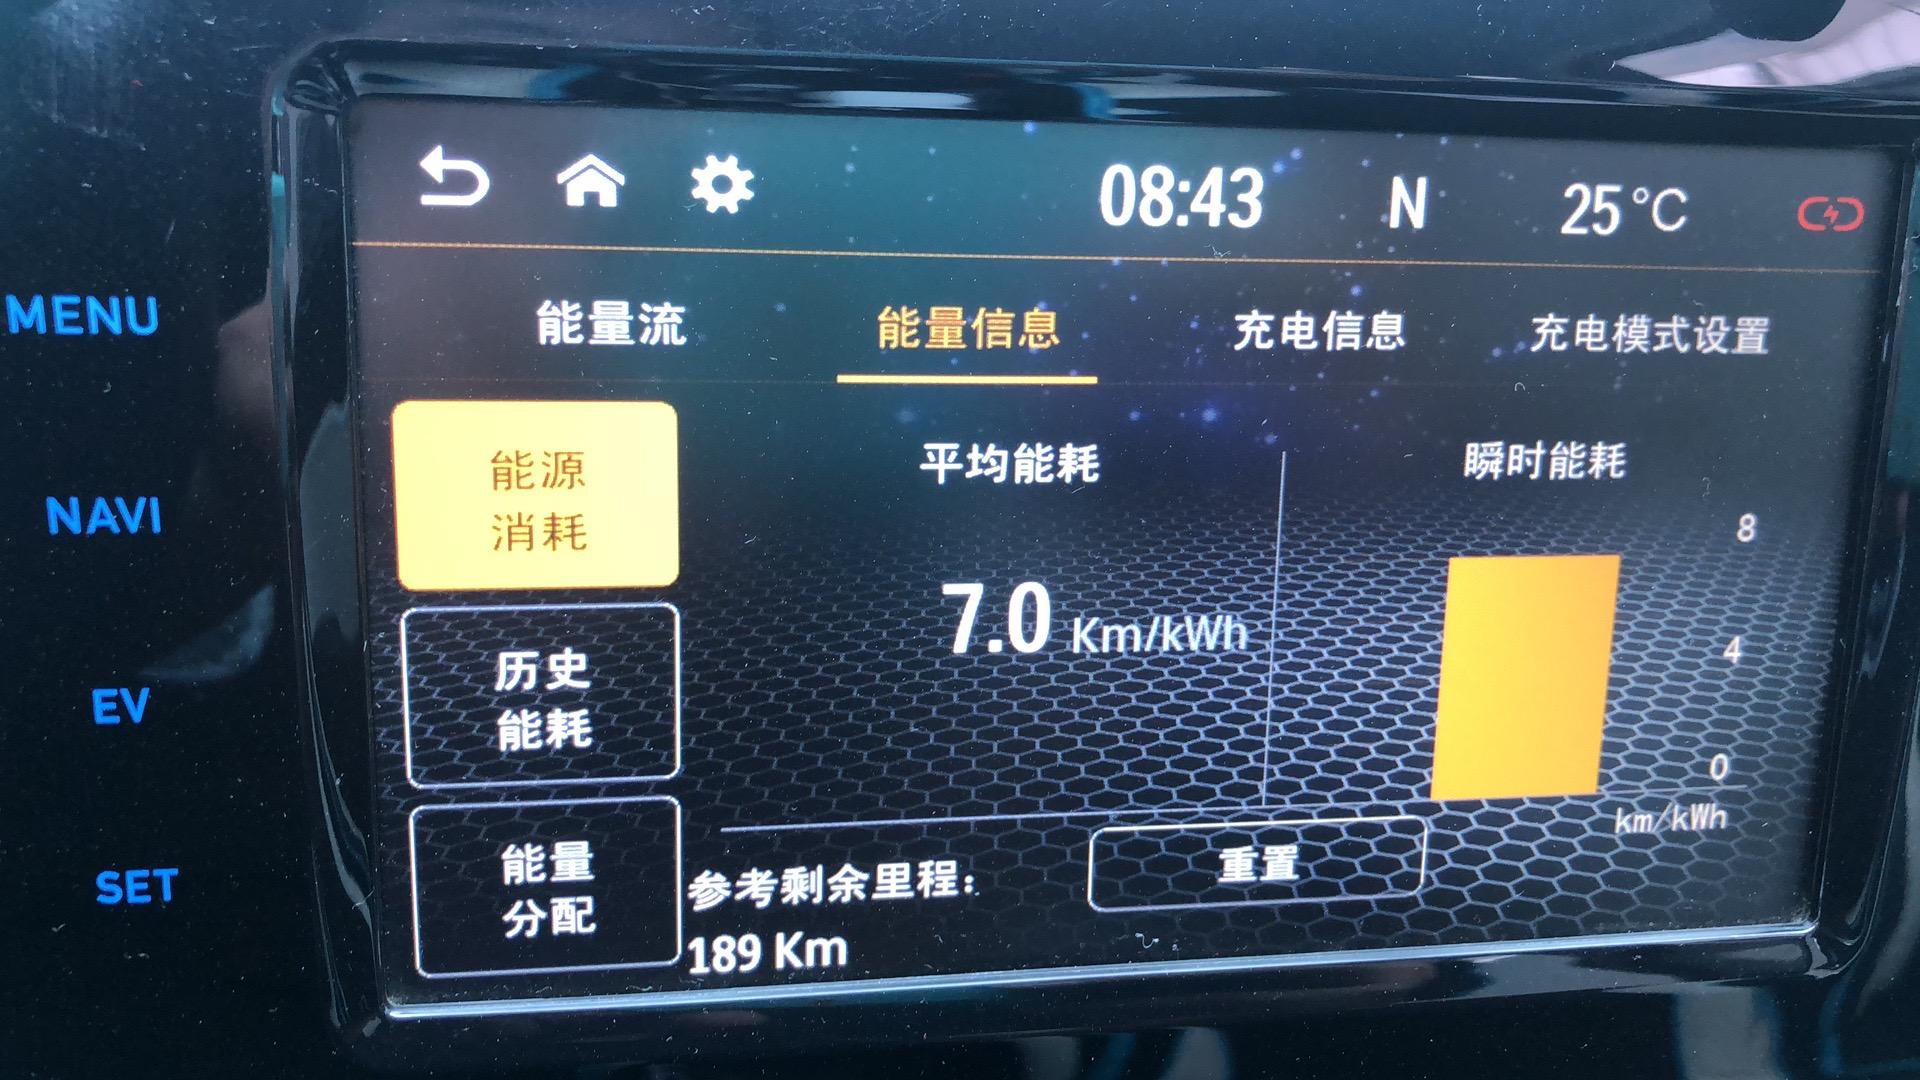 江淮汽车iEV车辆更换动力电池后续航大大降低,要求厂家给予合理的解决方案